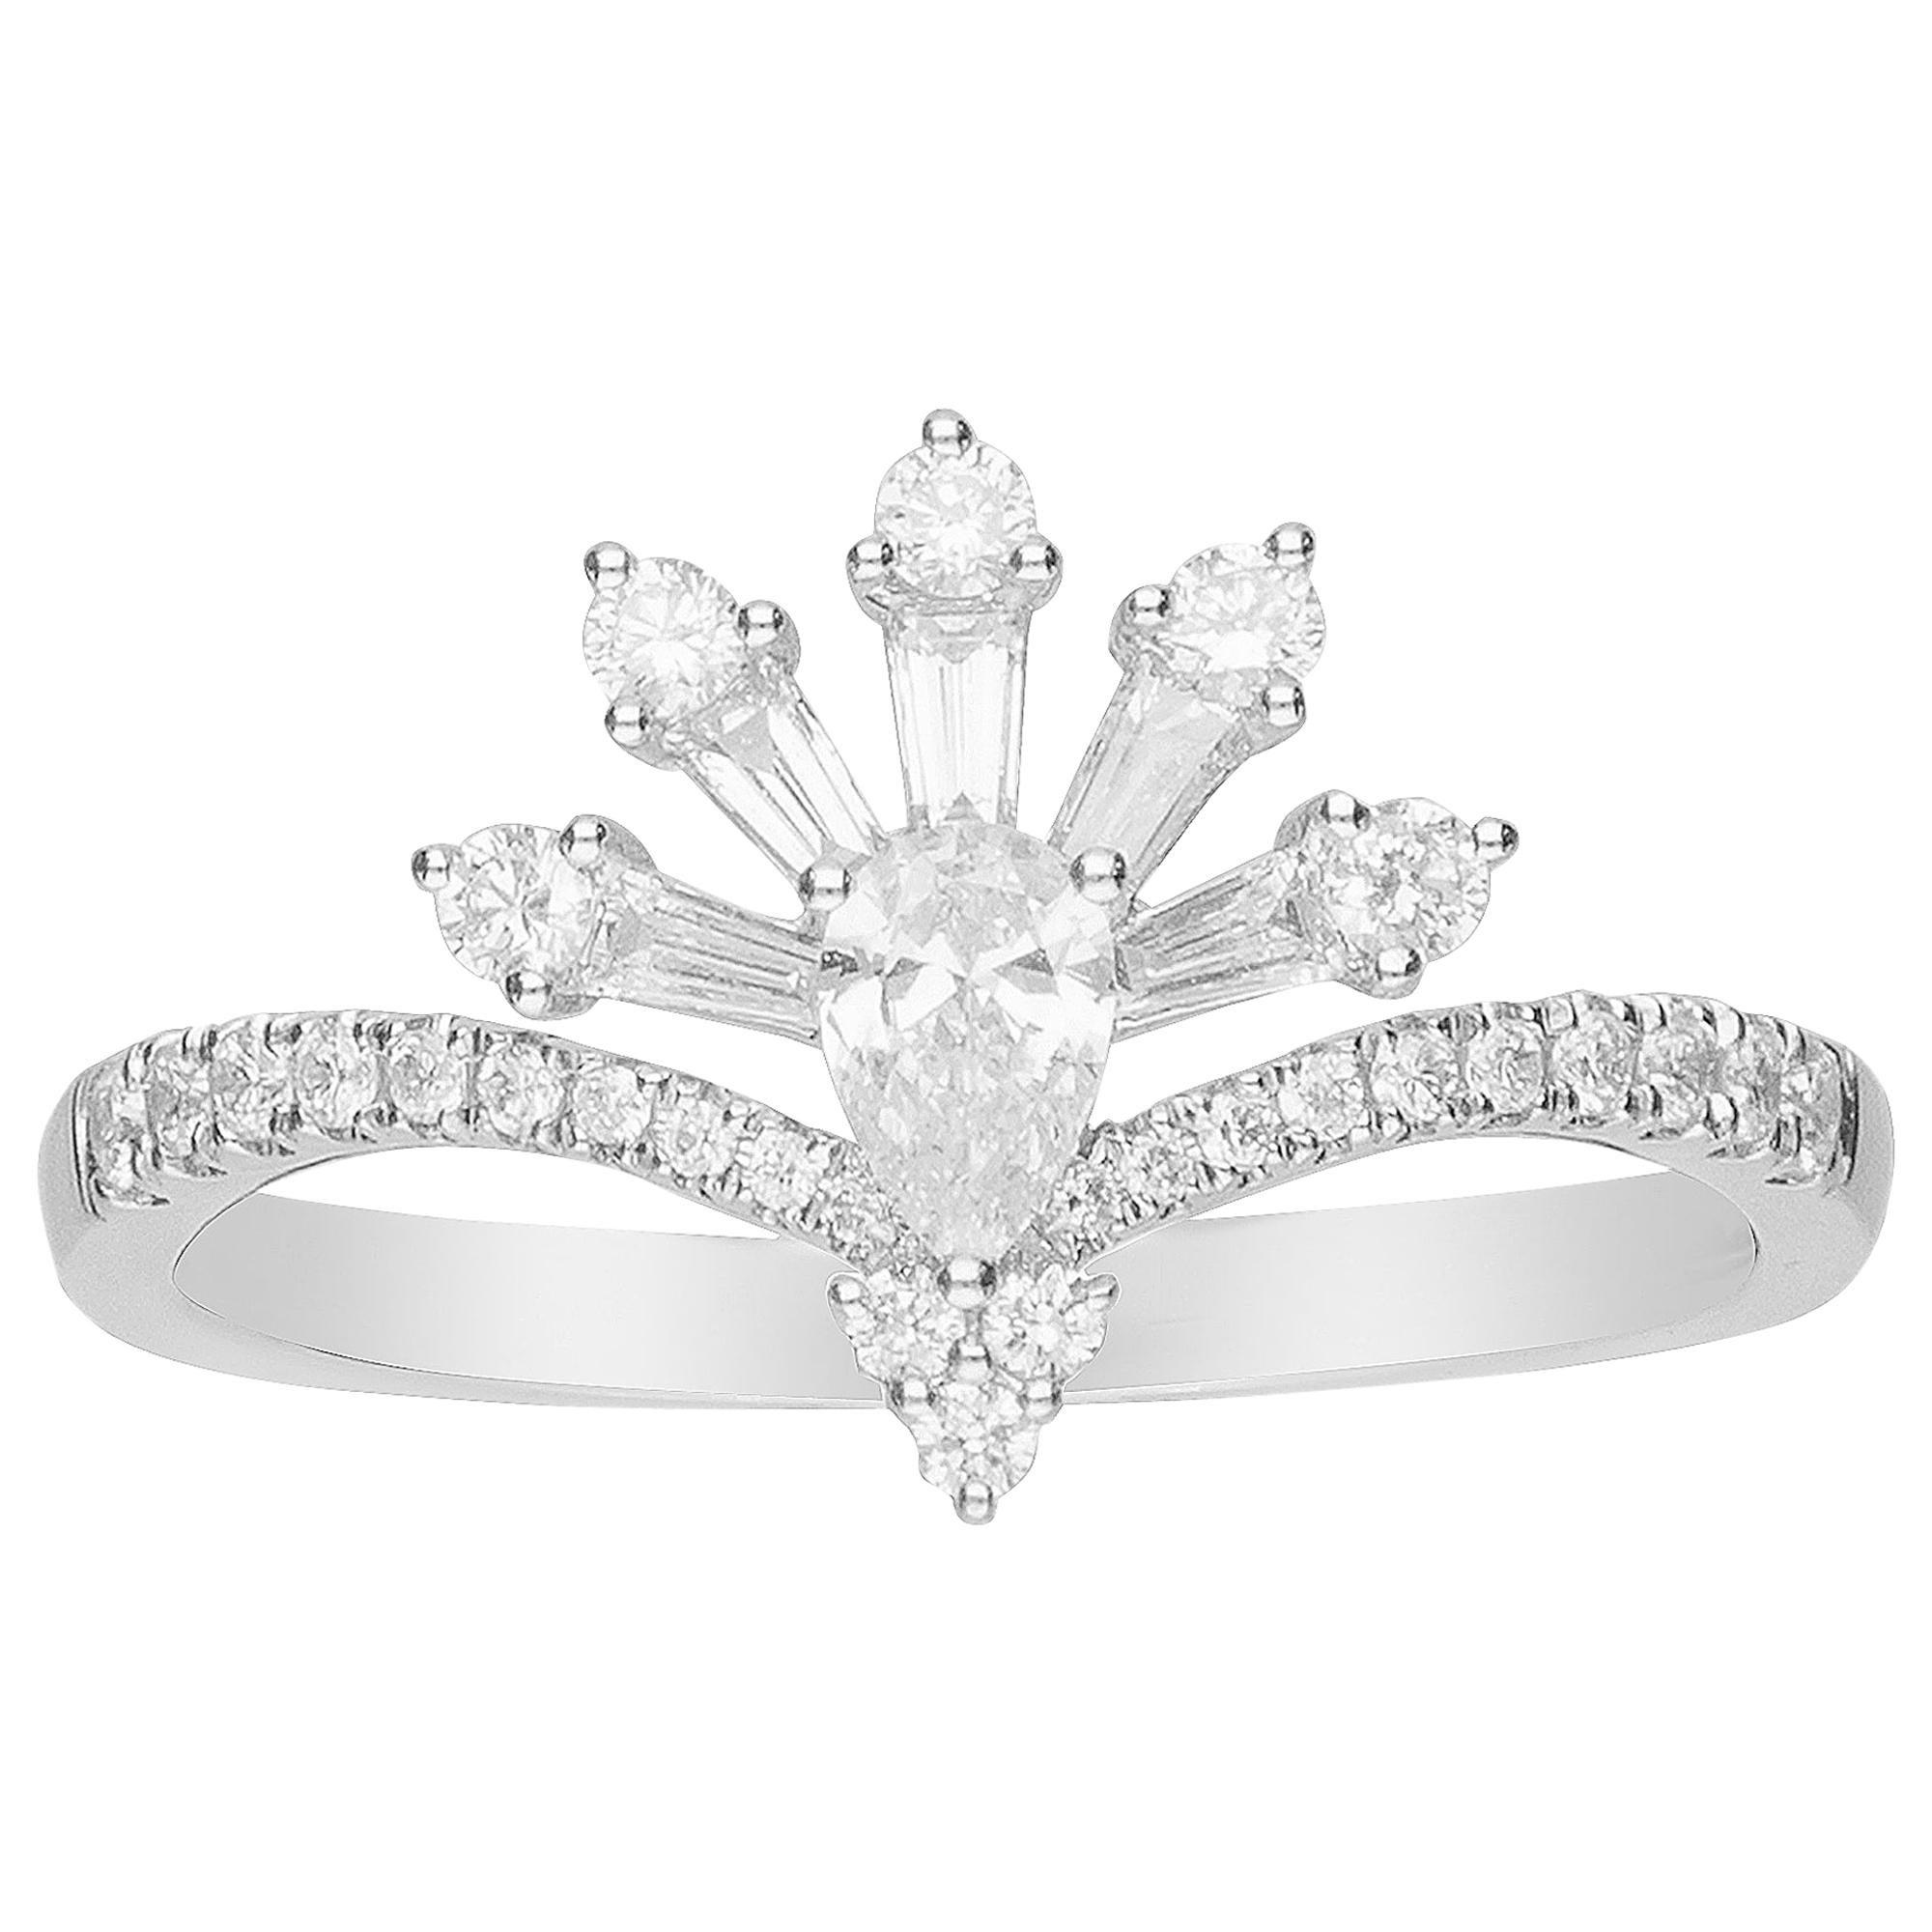 0.19 Carat Pear Cut Diamond 14 Karat White Gold Cocktail Ring